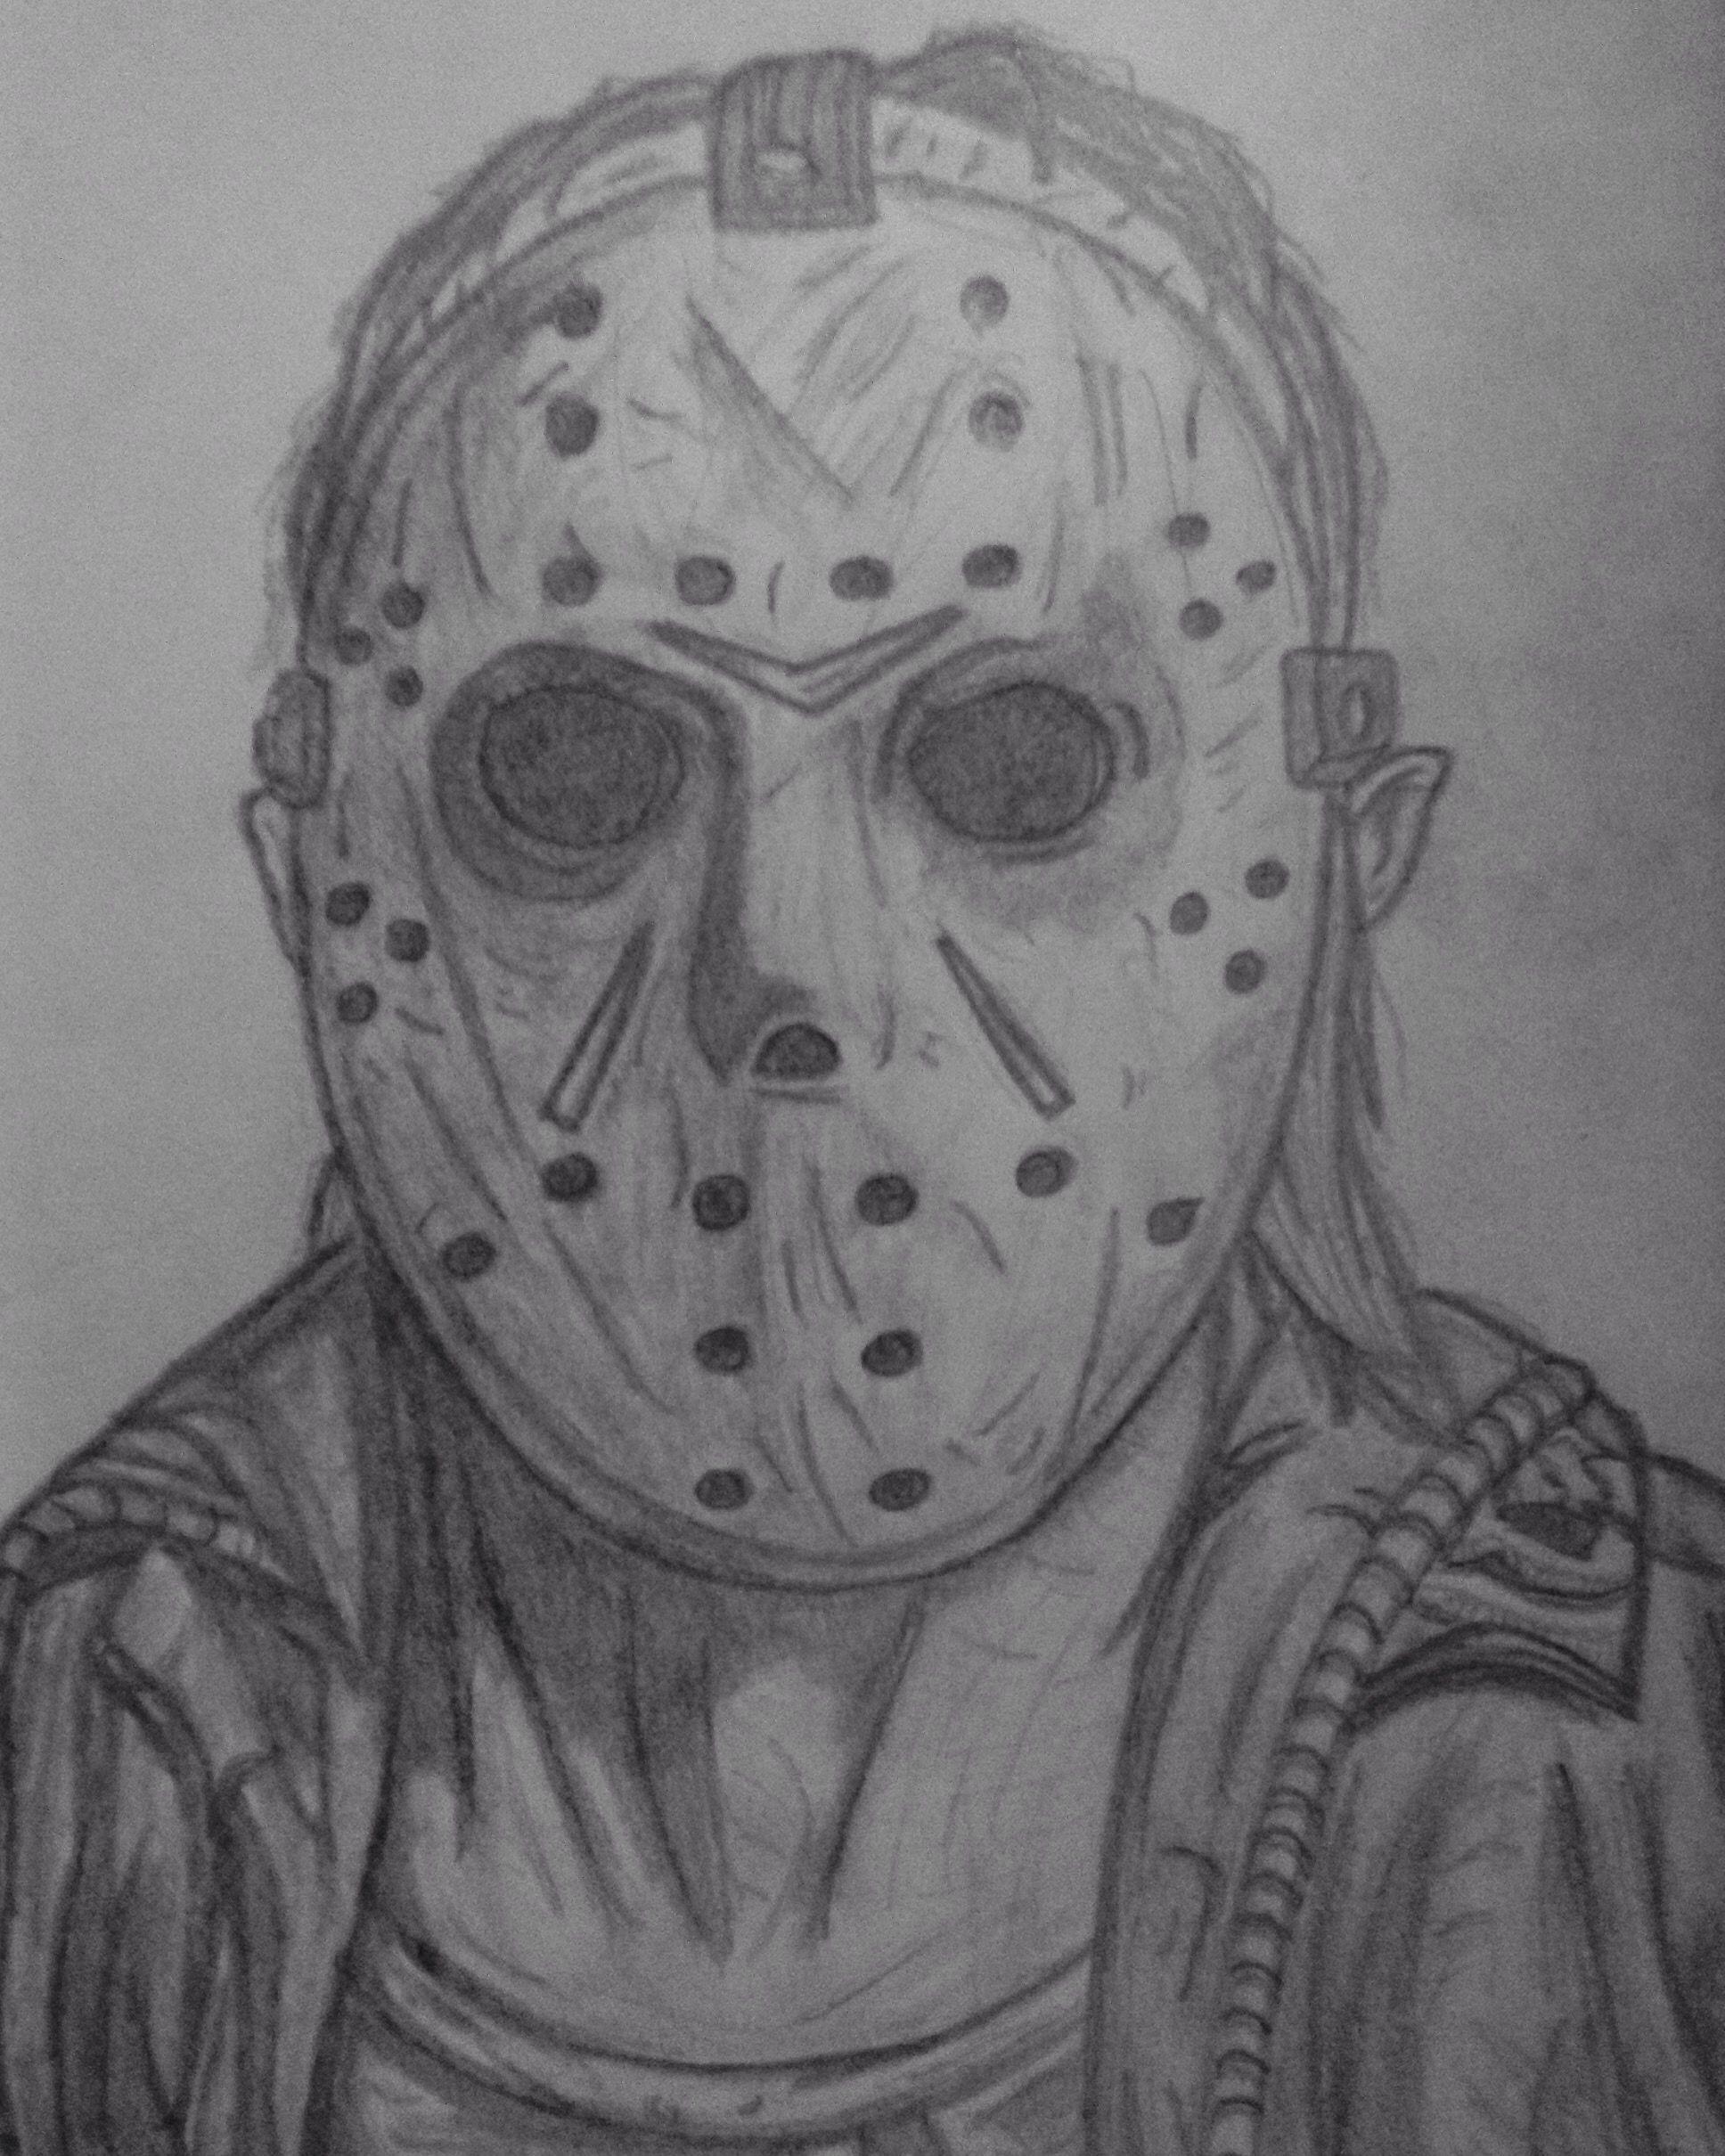 Jason Friday The 13th Drawing : jason, friday, drawing, Friday, Jason, Voorhees., Voorhees, Drawing,, Chucky, Drawing